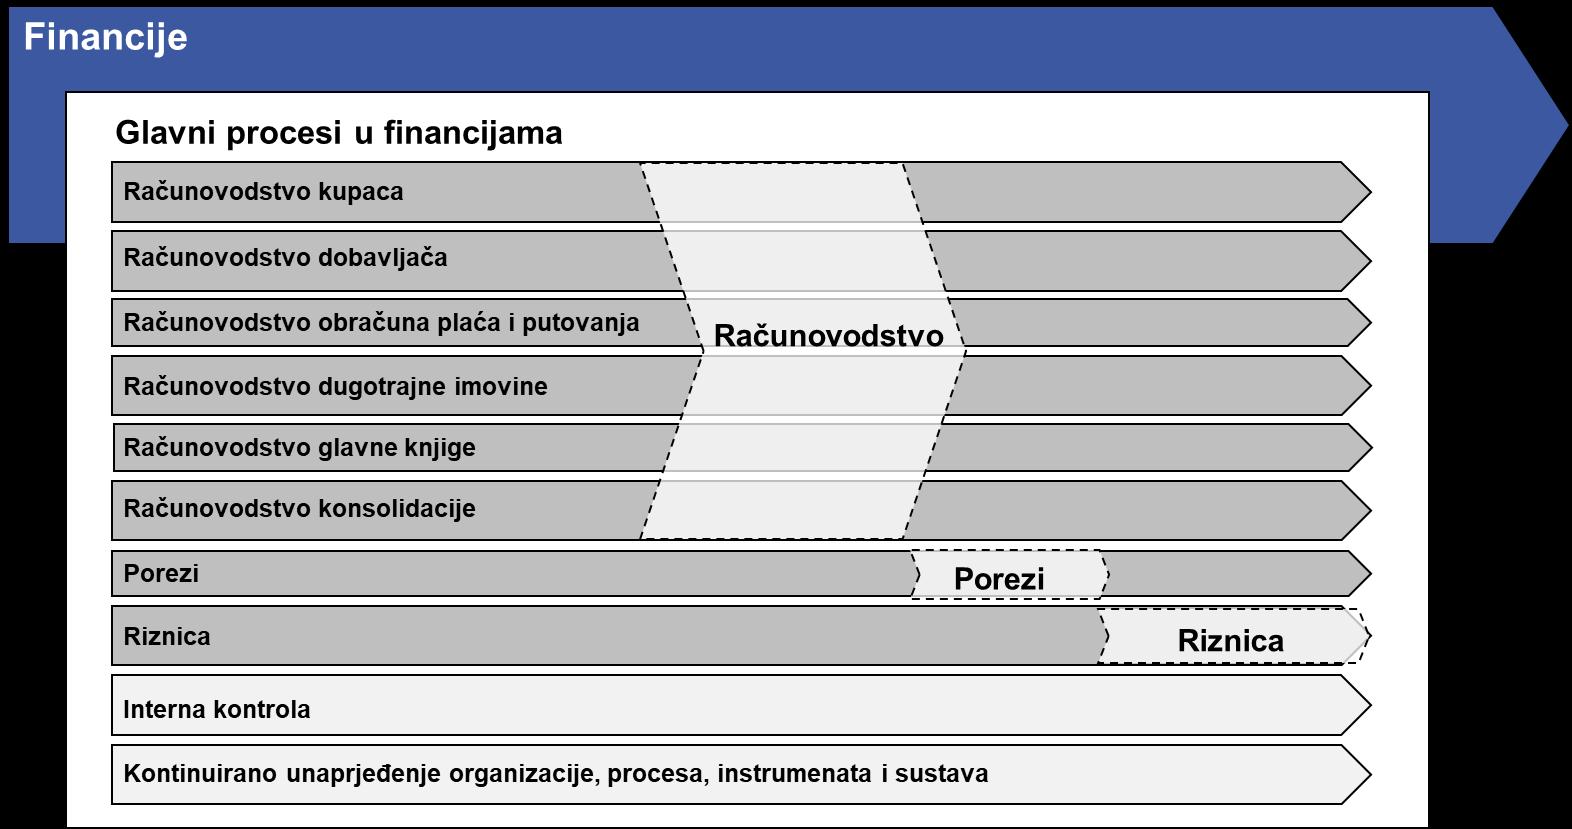 [DOWNLOAD] Procesni model financija